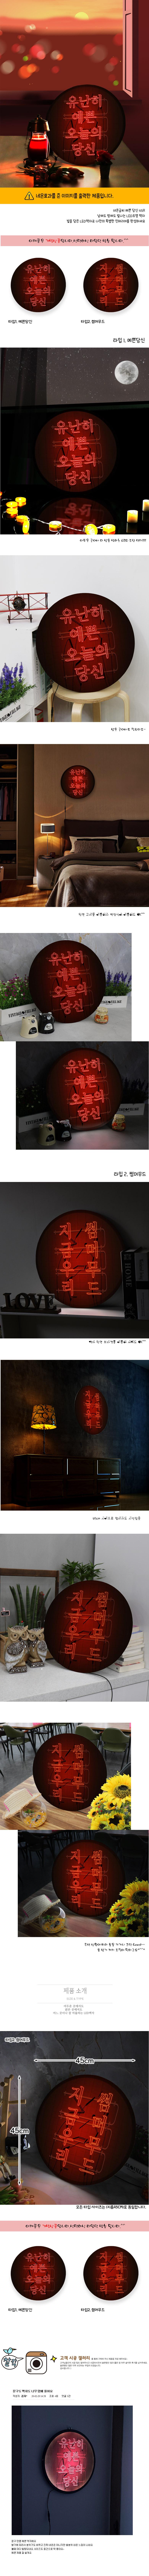 LED액자45R_네온글씨예쁜당신_LED사인홍보조명무드등 - 꾸밈, 86,000원, 포인트조명, 터치조명